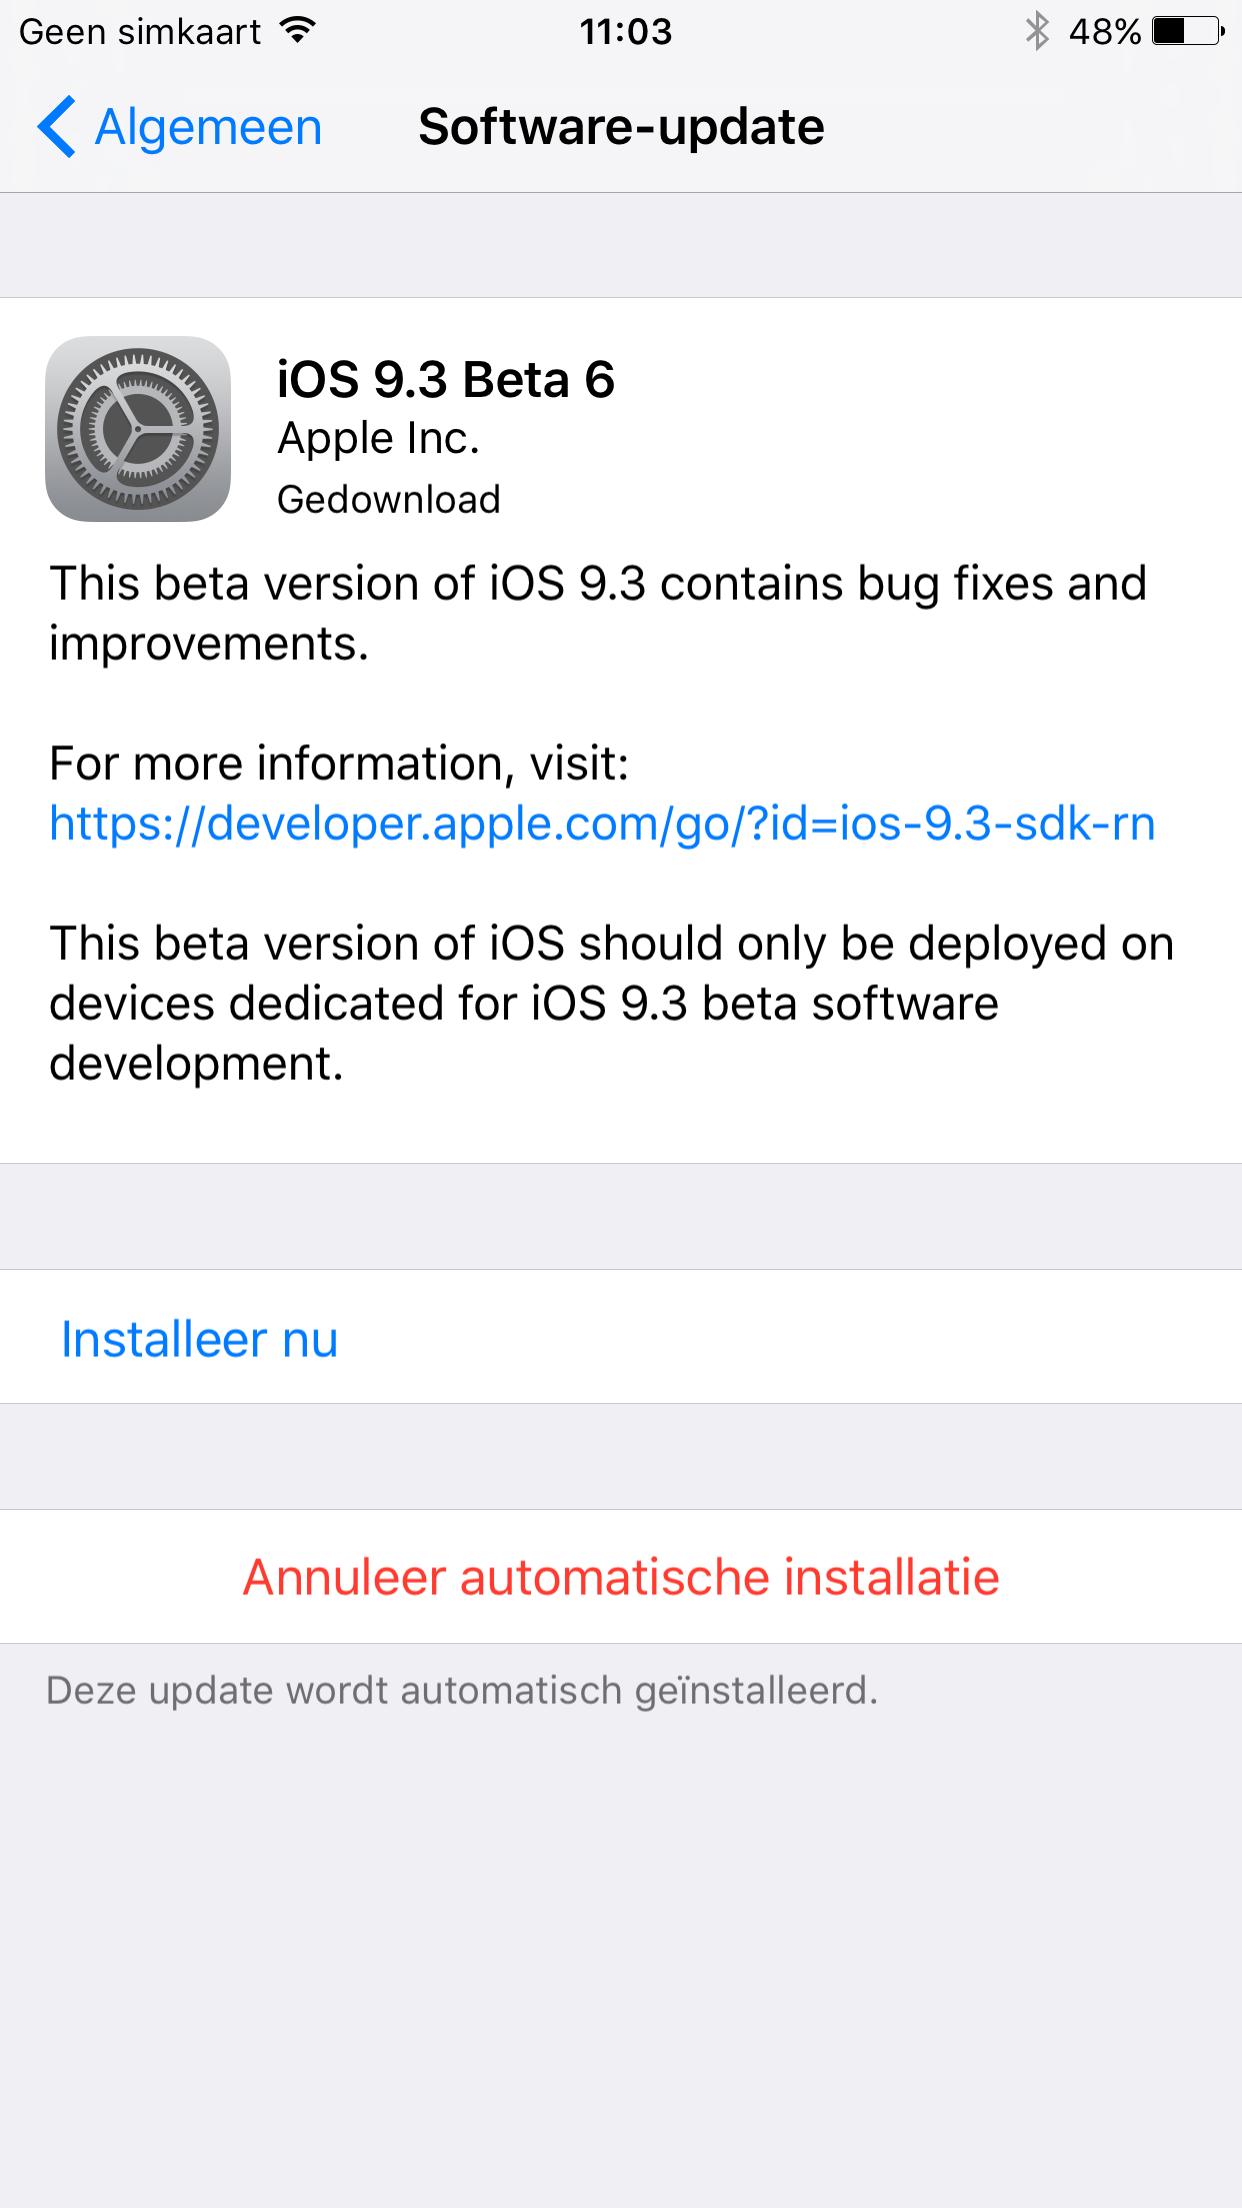 Automatische iOS-installatie annuleren.